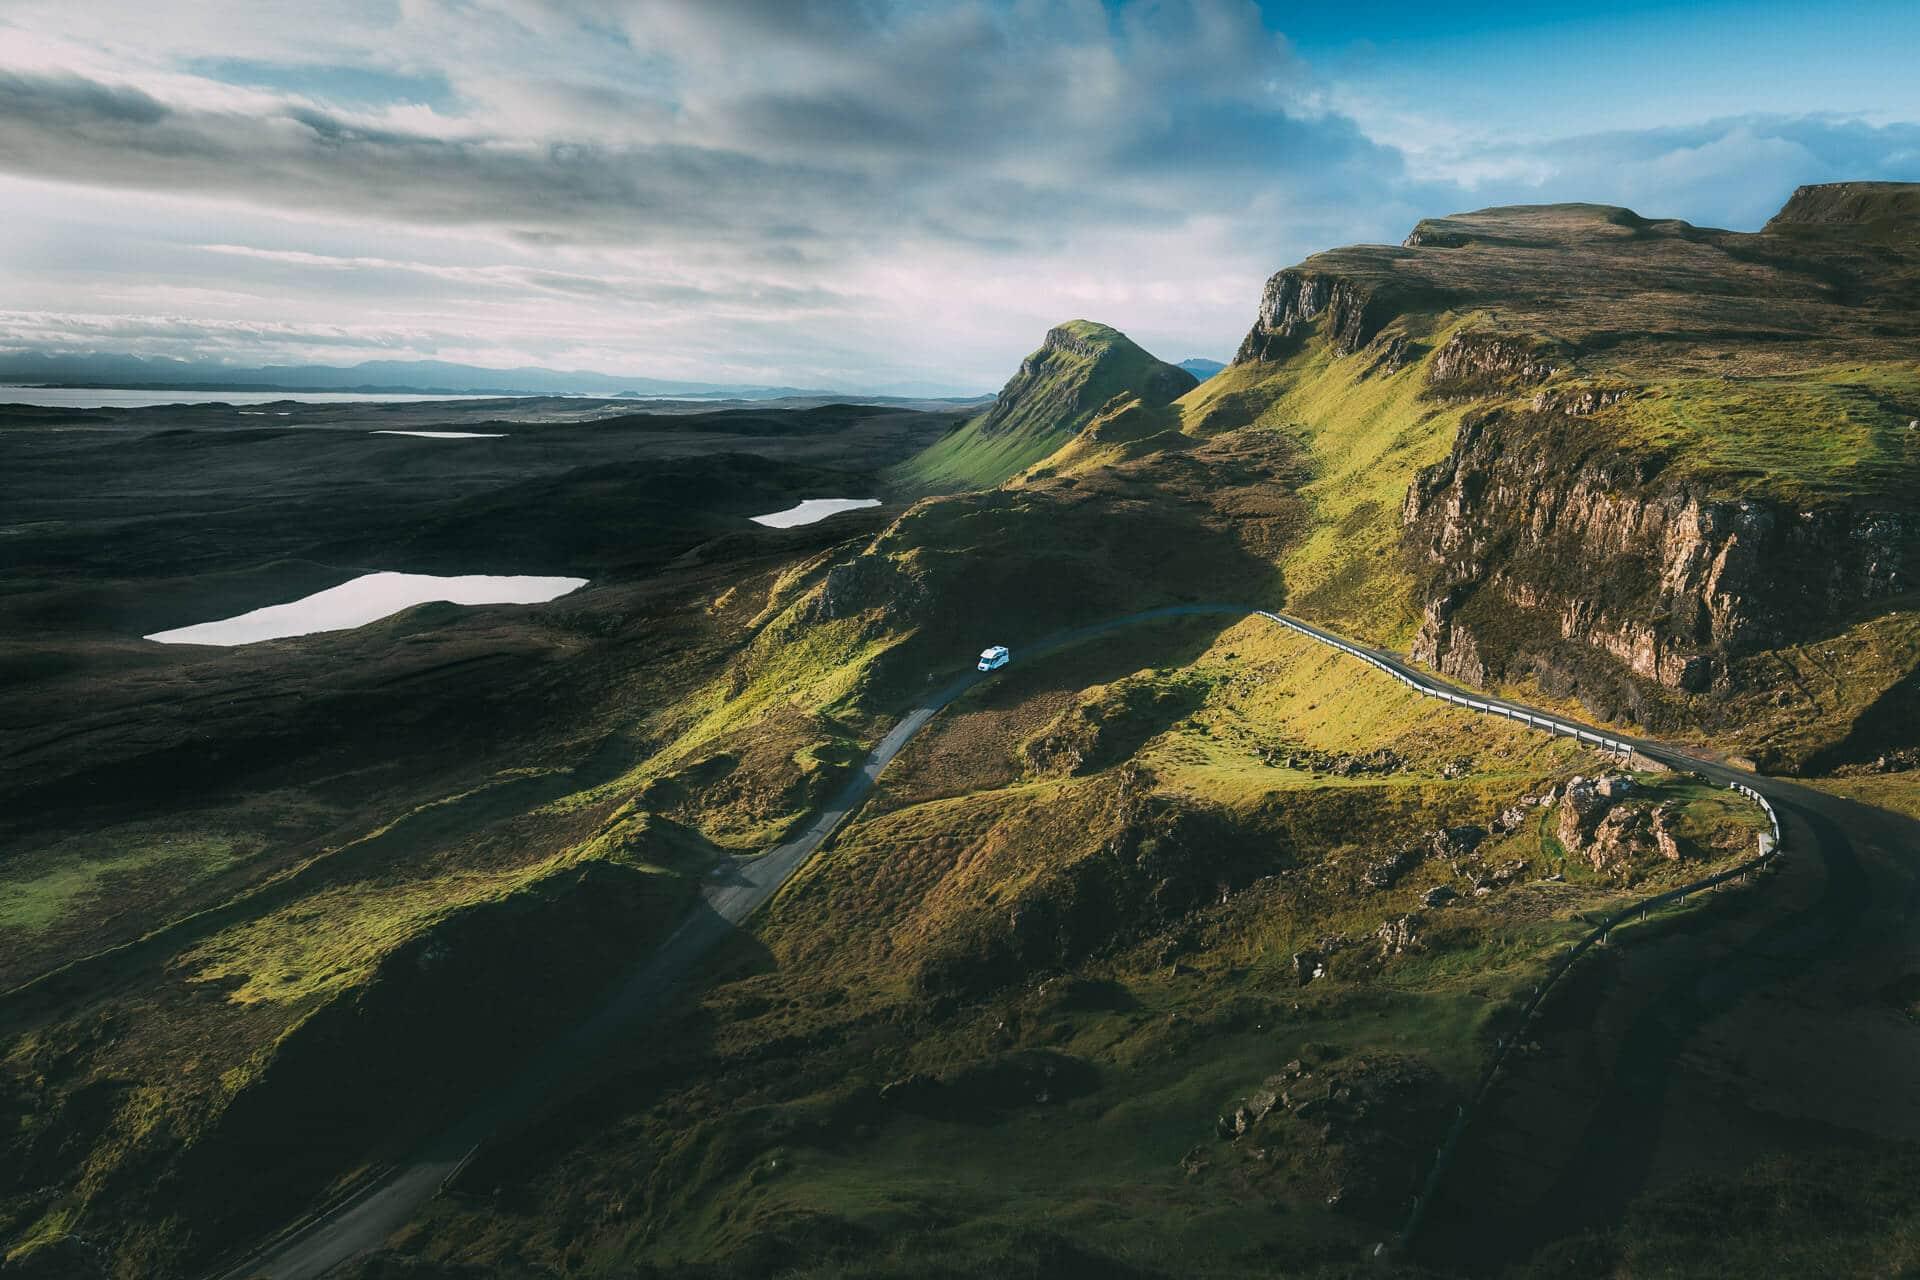 Ein ganz aktuelles Foto aus Schottland – die Landschaft ist absolut überwältigend!